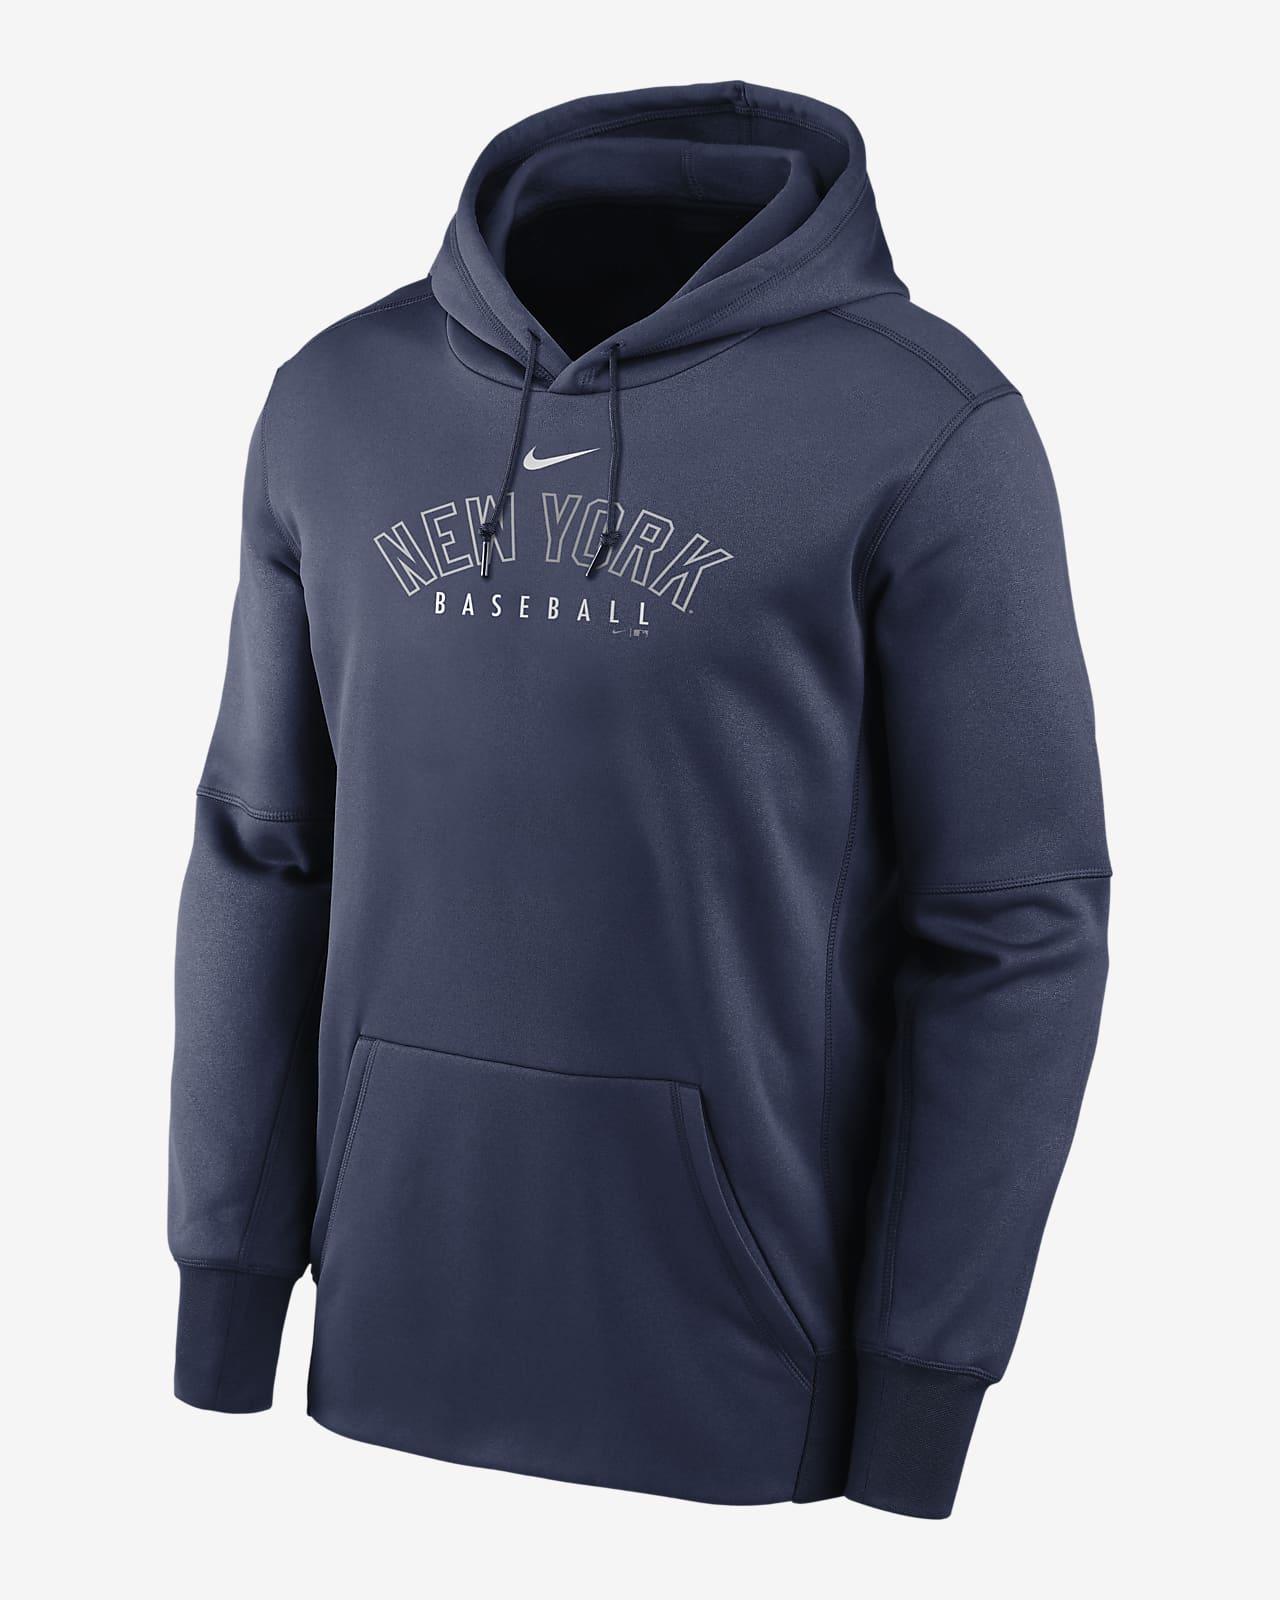 Nike Therma Outline Wordmark (MLB New York Yankees) Men's Pullover Hoodie